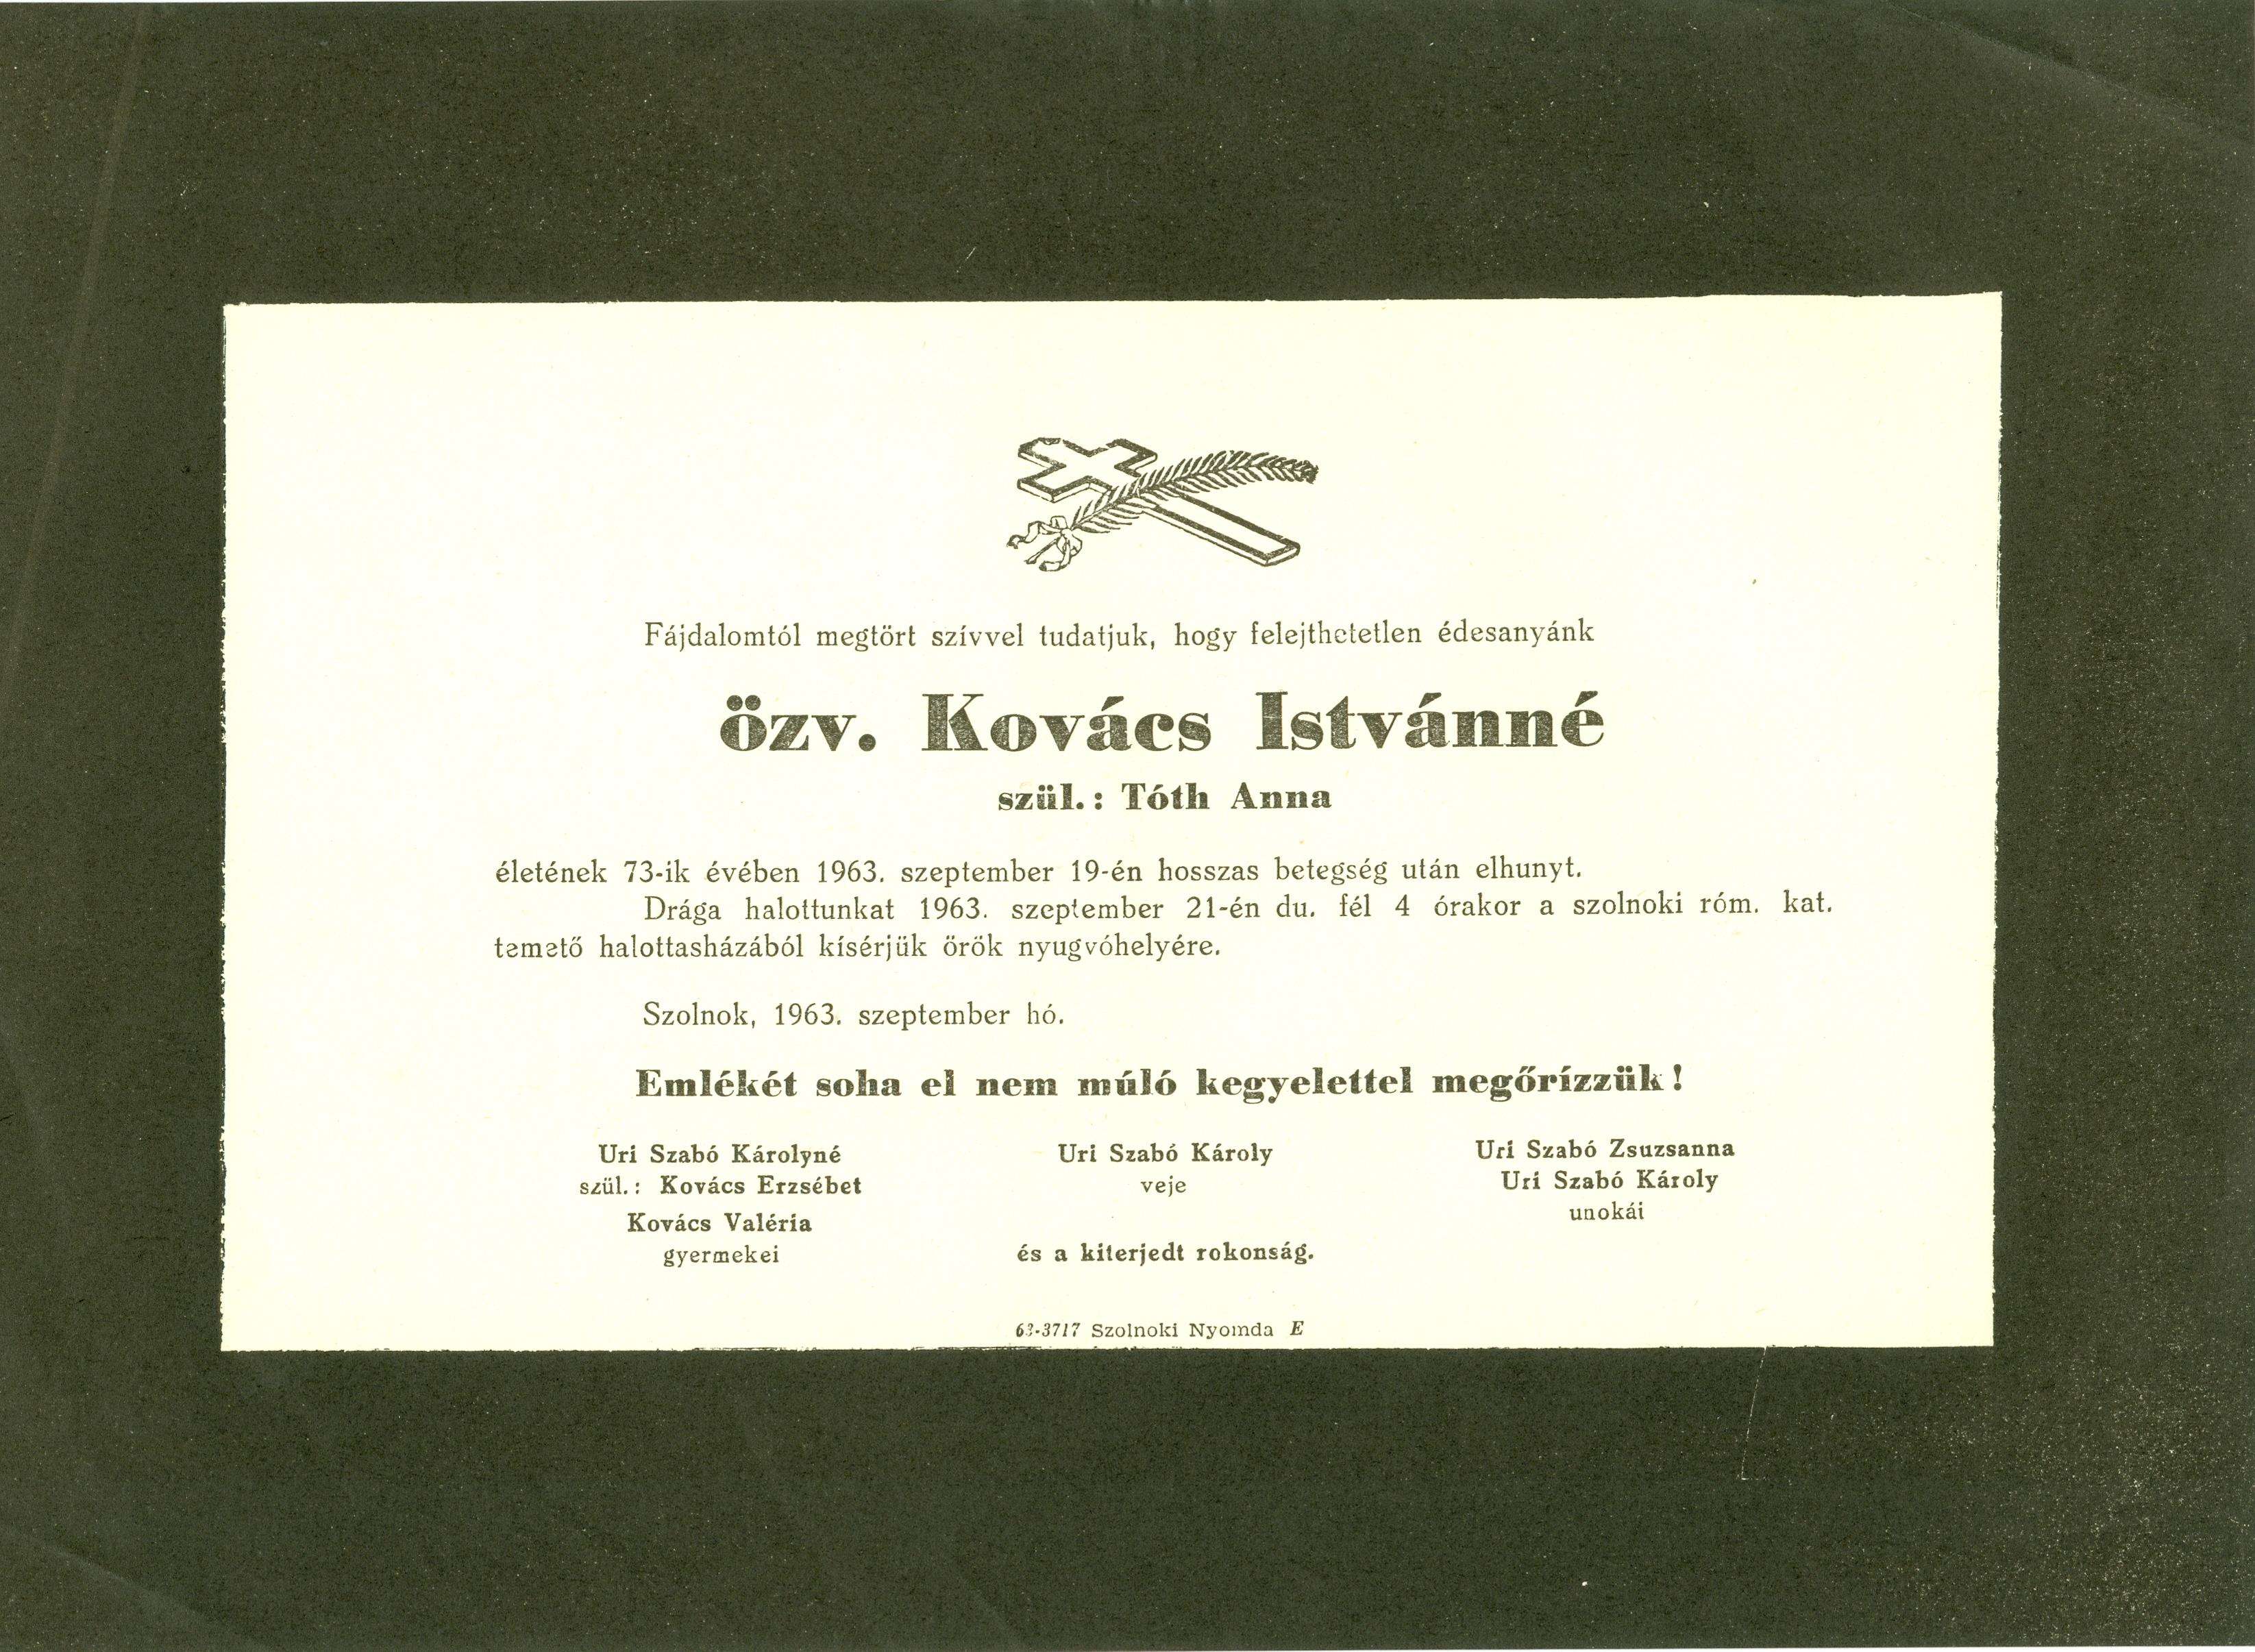 Kovács Istvánné